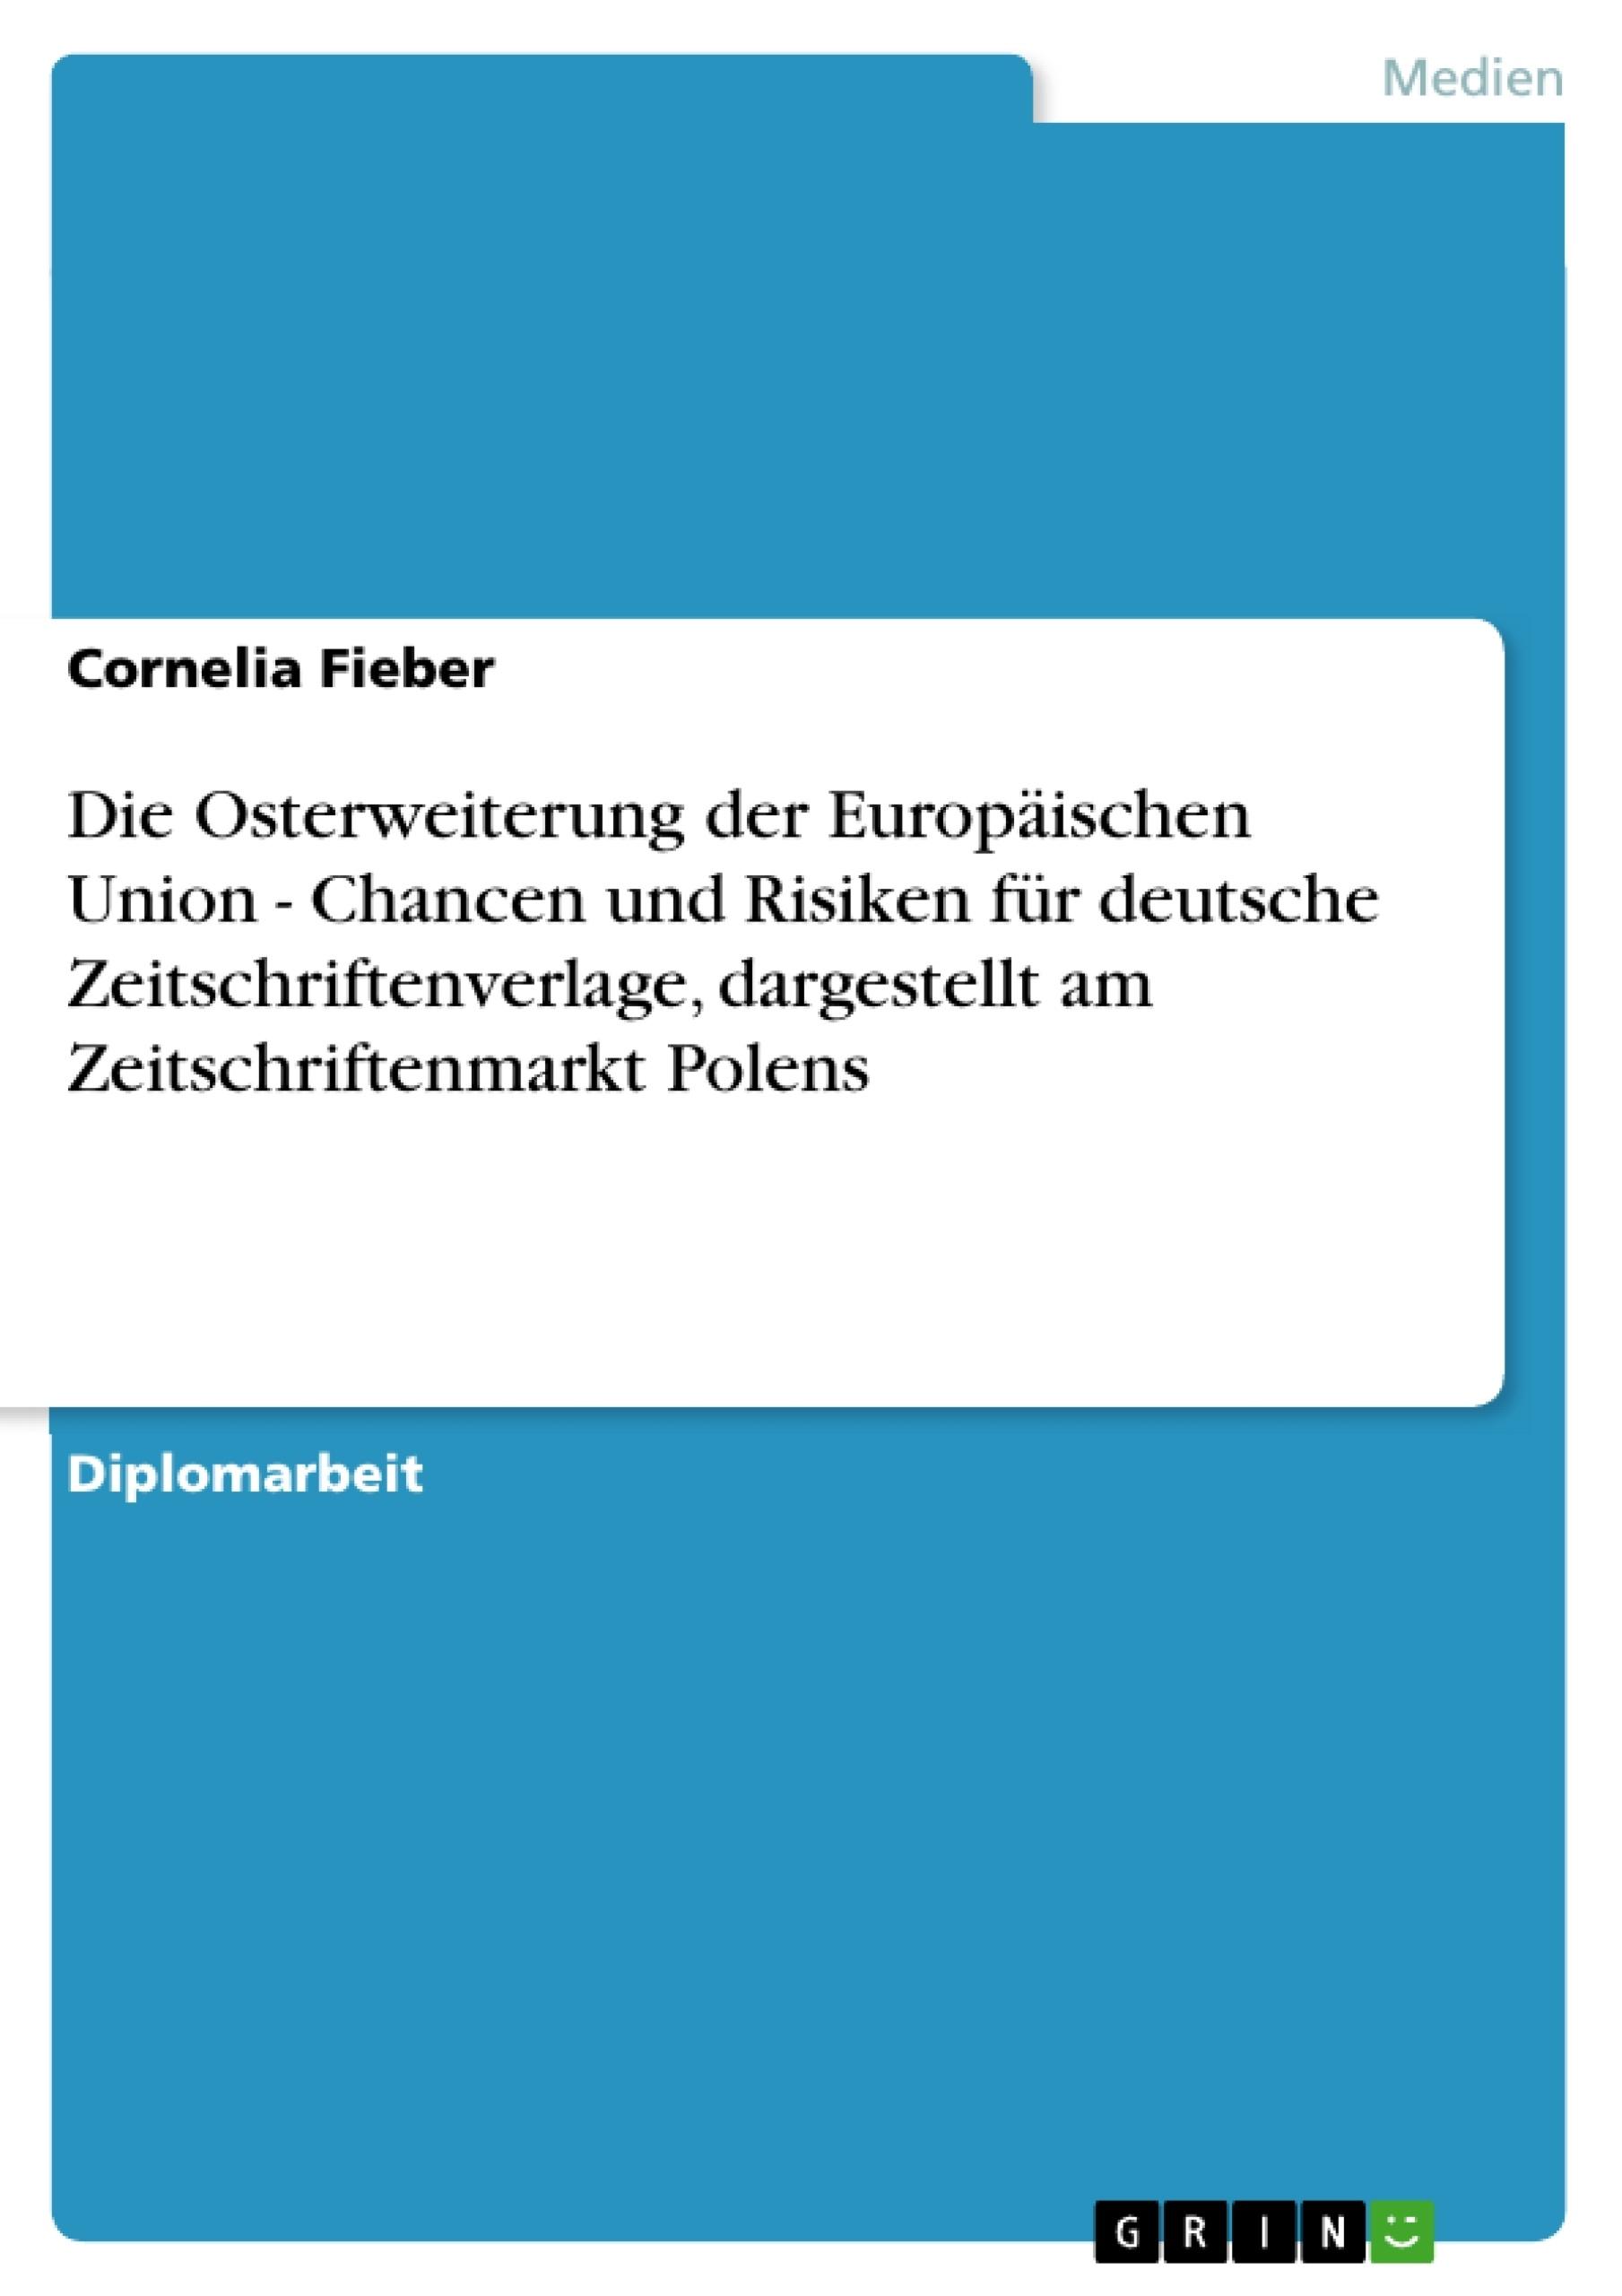 Titel: Die Osterweiterung der Europäischen Union - Chancen und Risiken für deutsche Zeitschriftenverlage, dargestellt am Zeitschriftenmarkt Polens